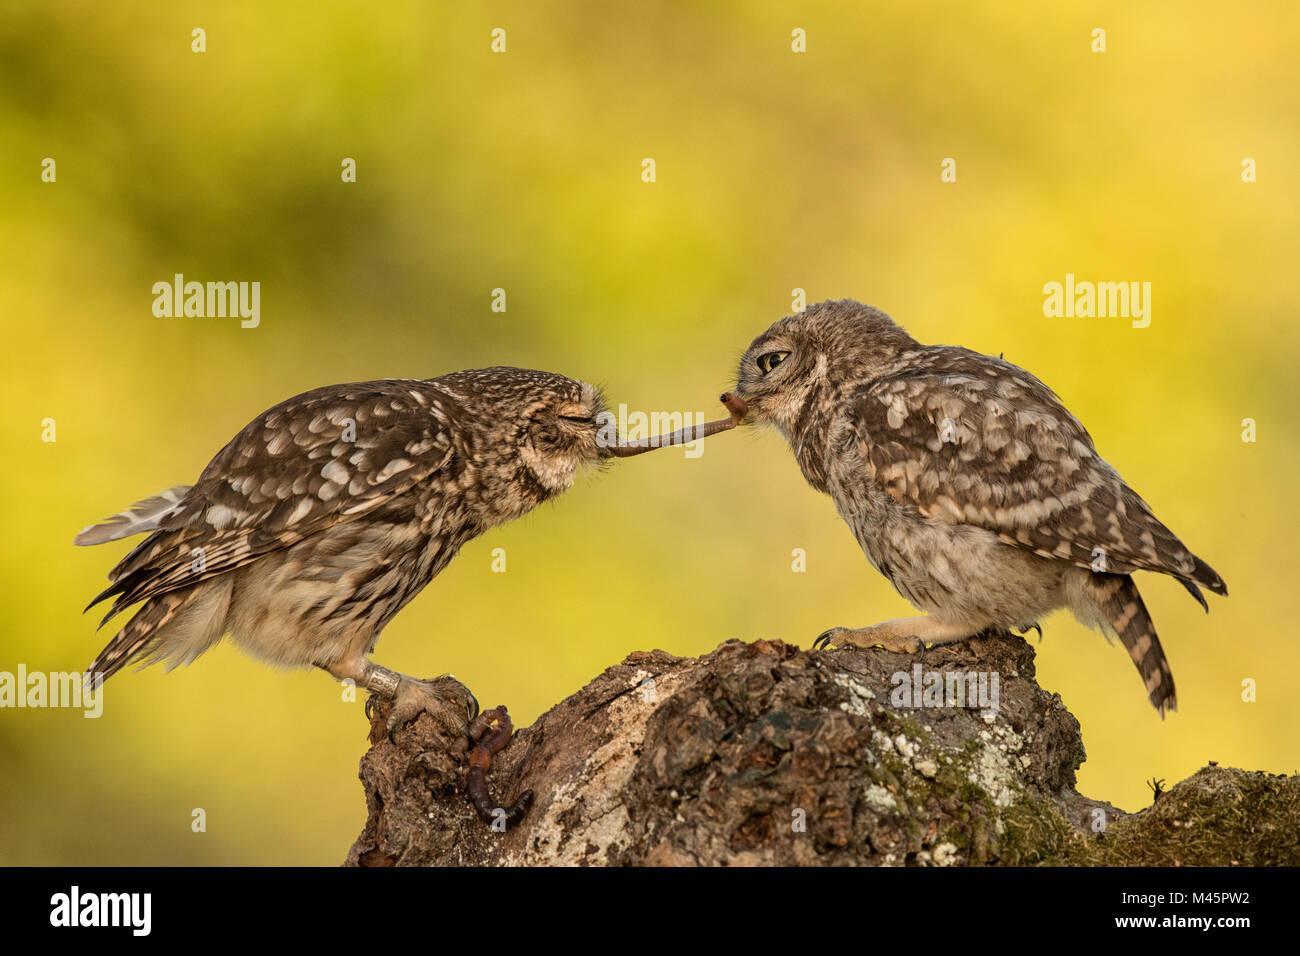 Deux petites chouettes (Athene noctua),vieux et jeune animal avec ver comme proies, Rhénanie-Palatinat, Allemagne Photo Stock